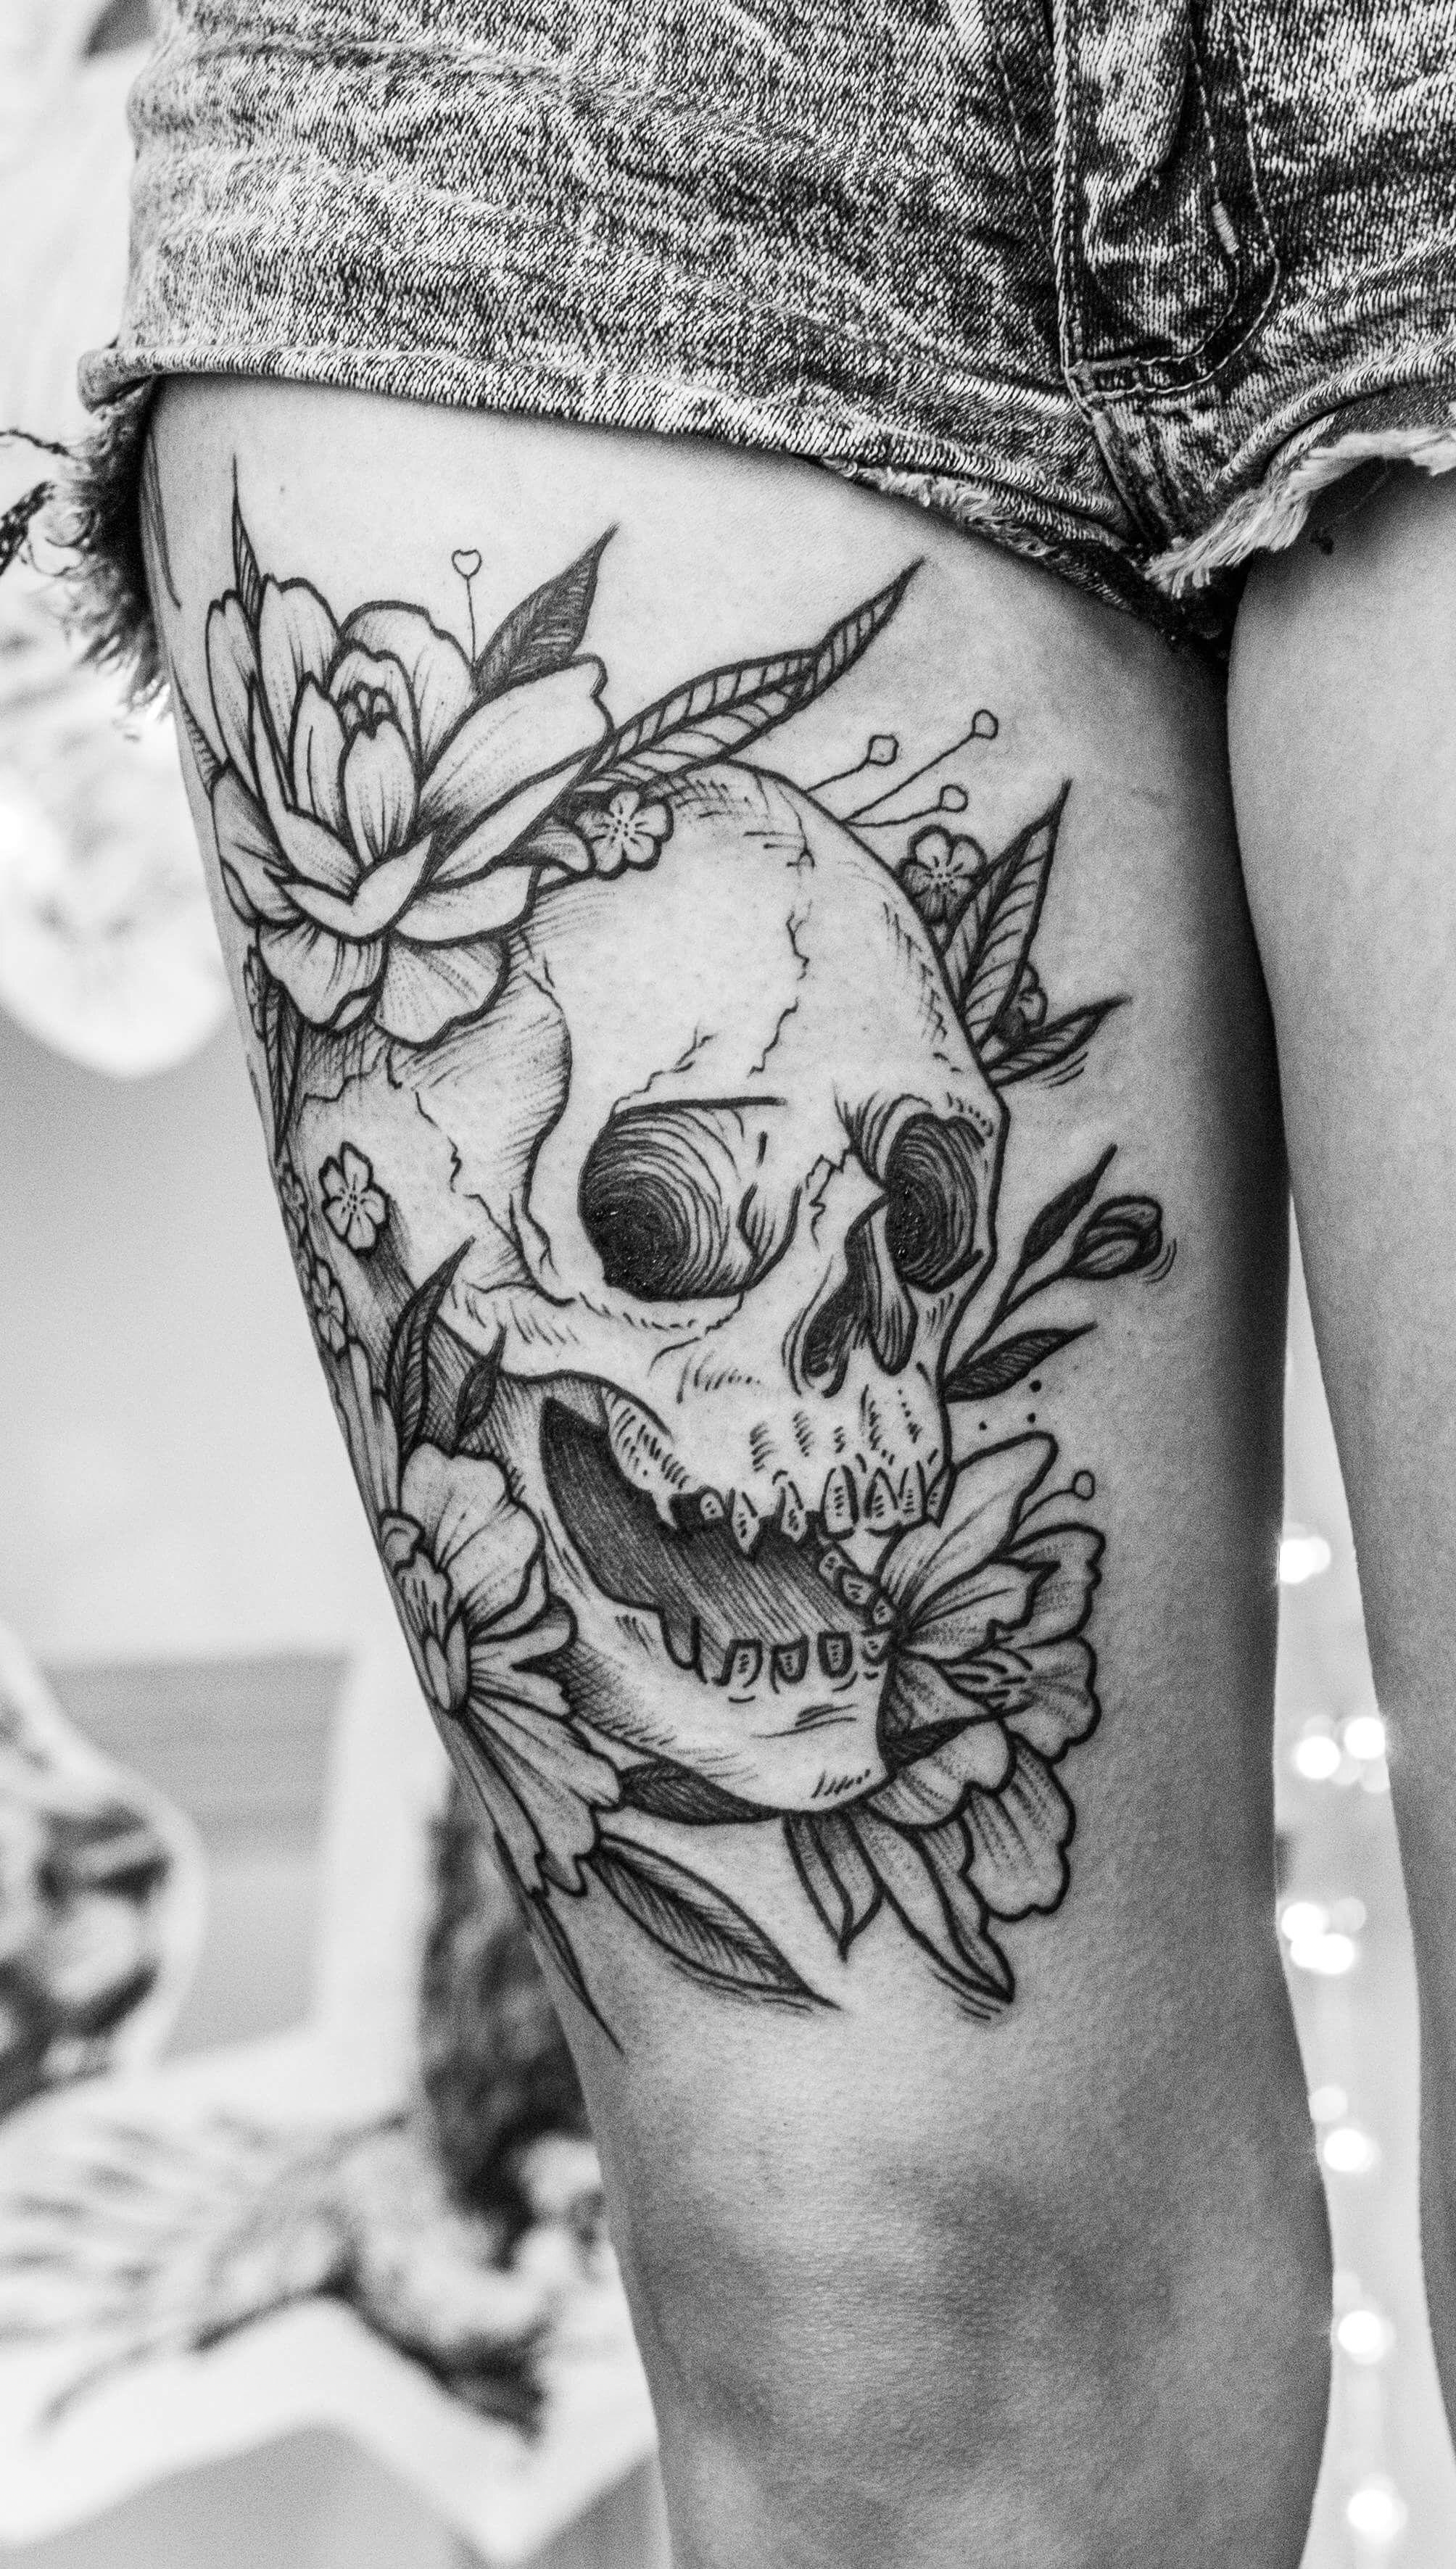 38a9de92a Skull tattoo by Tia Perla #tattoo #tatuajes #blackwork #blackworkers  #blackworktattoo #blackworkers_tattoo #skull #skulltattoo #flowers  #flowertattoo